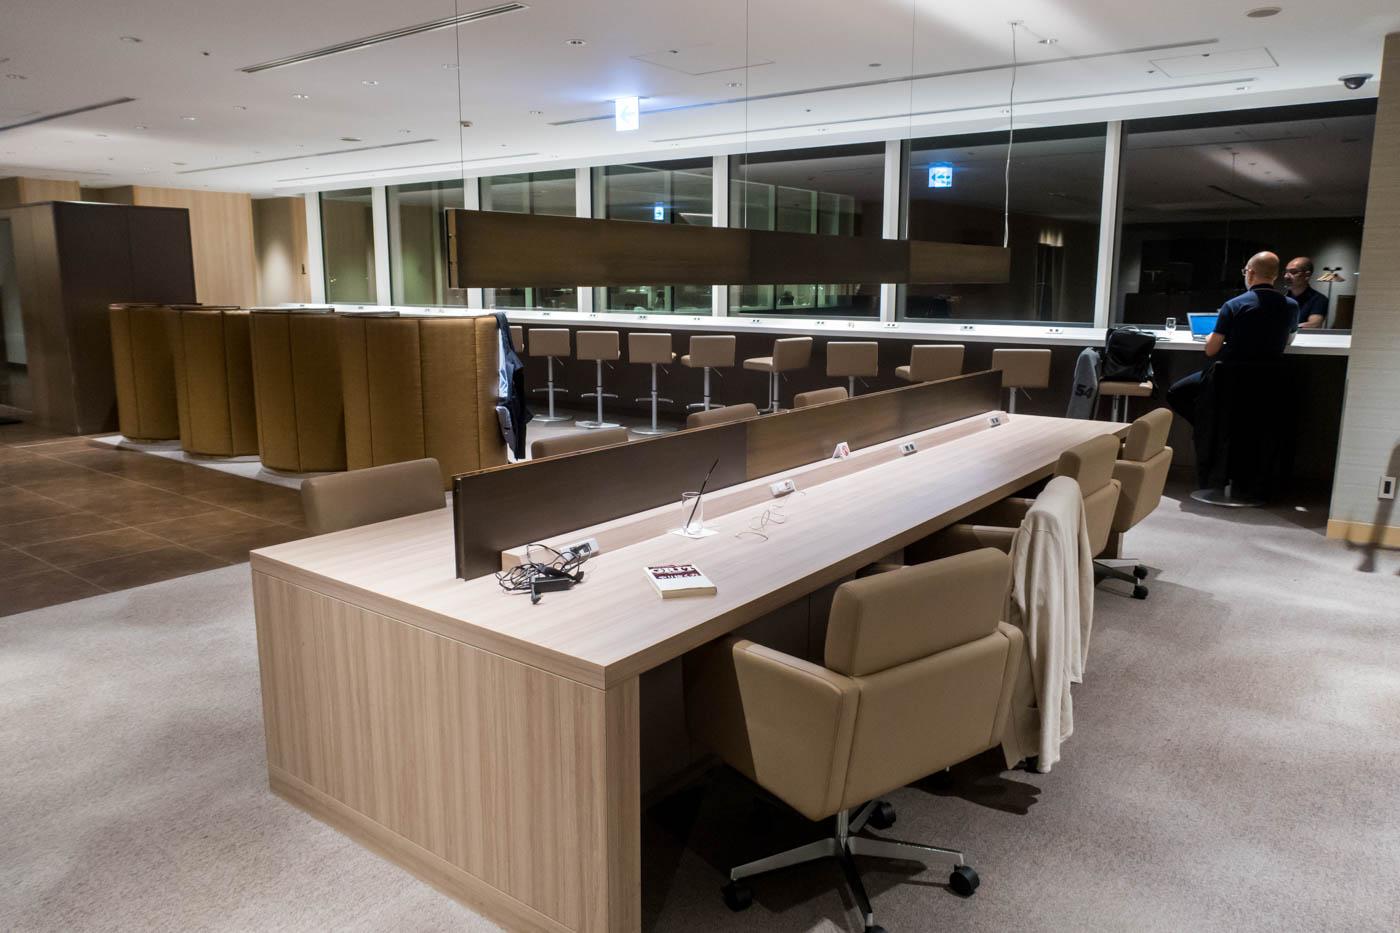 Work Area at JAL Sakura Lounge at Haneda